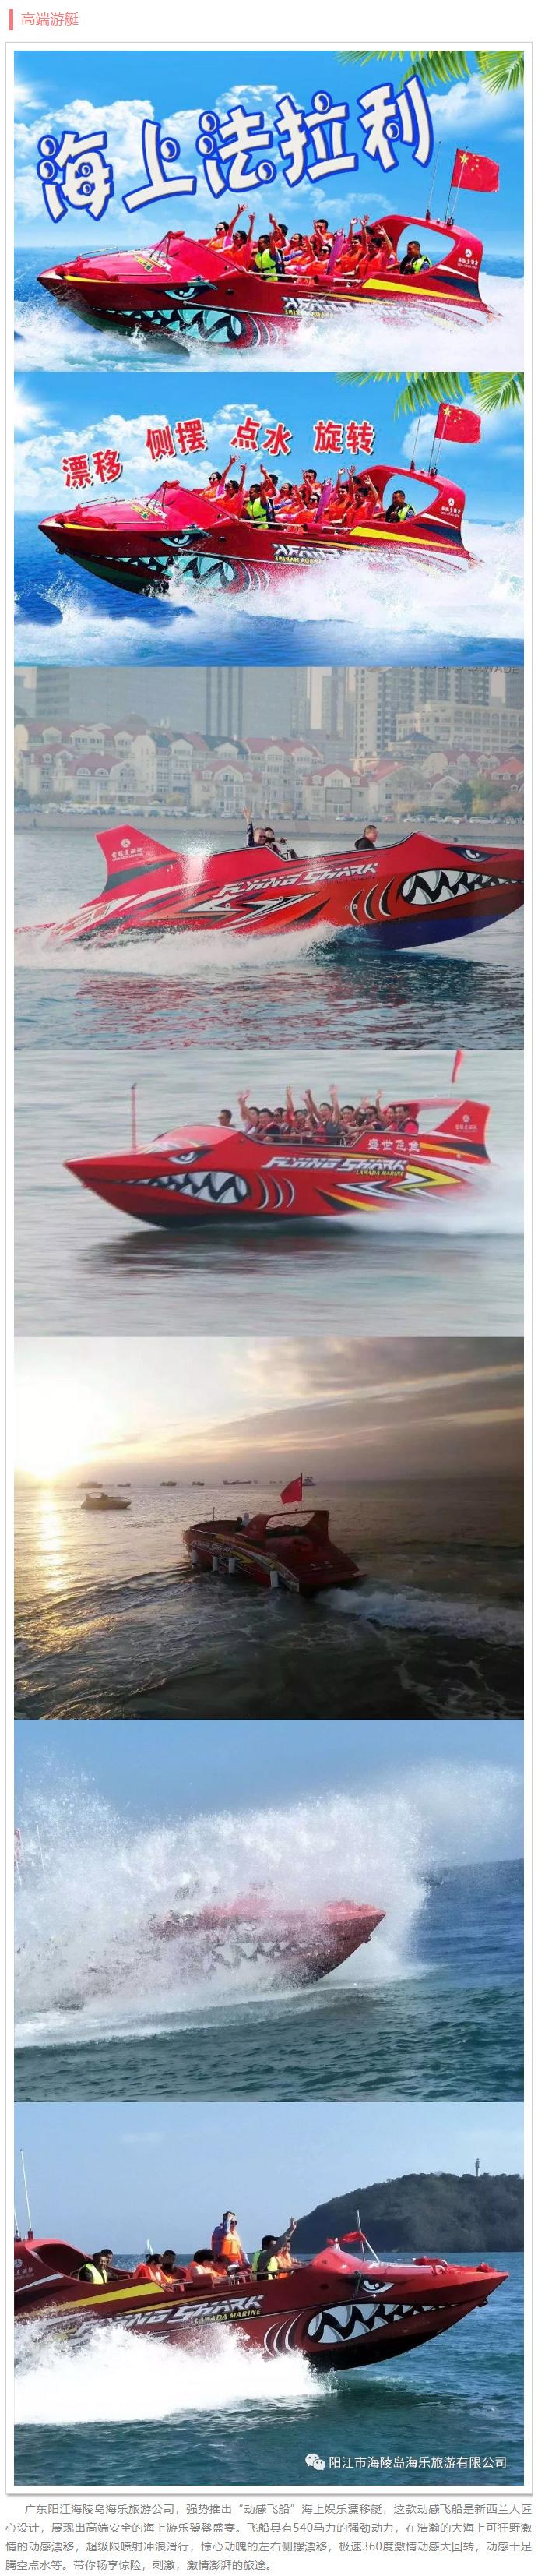 廣東省首個休閑漁業示范點—海樂旅游公司_04.jpg